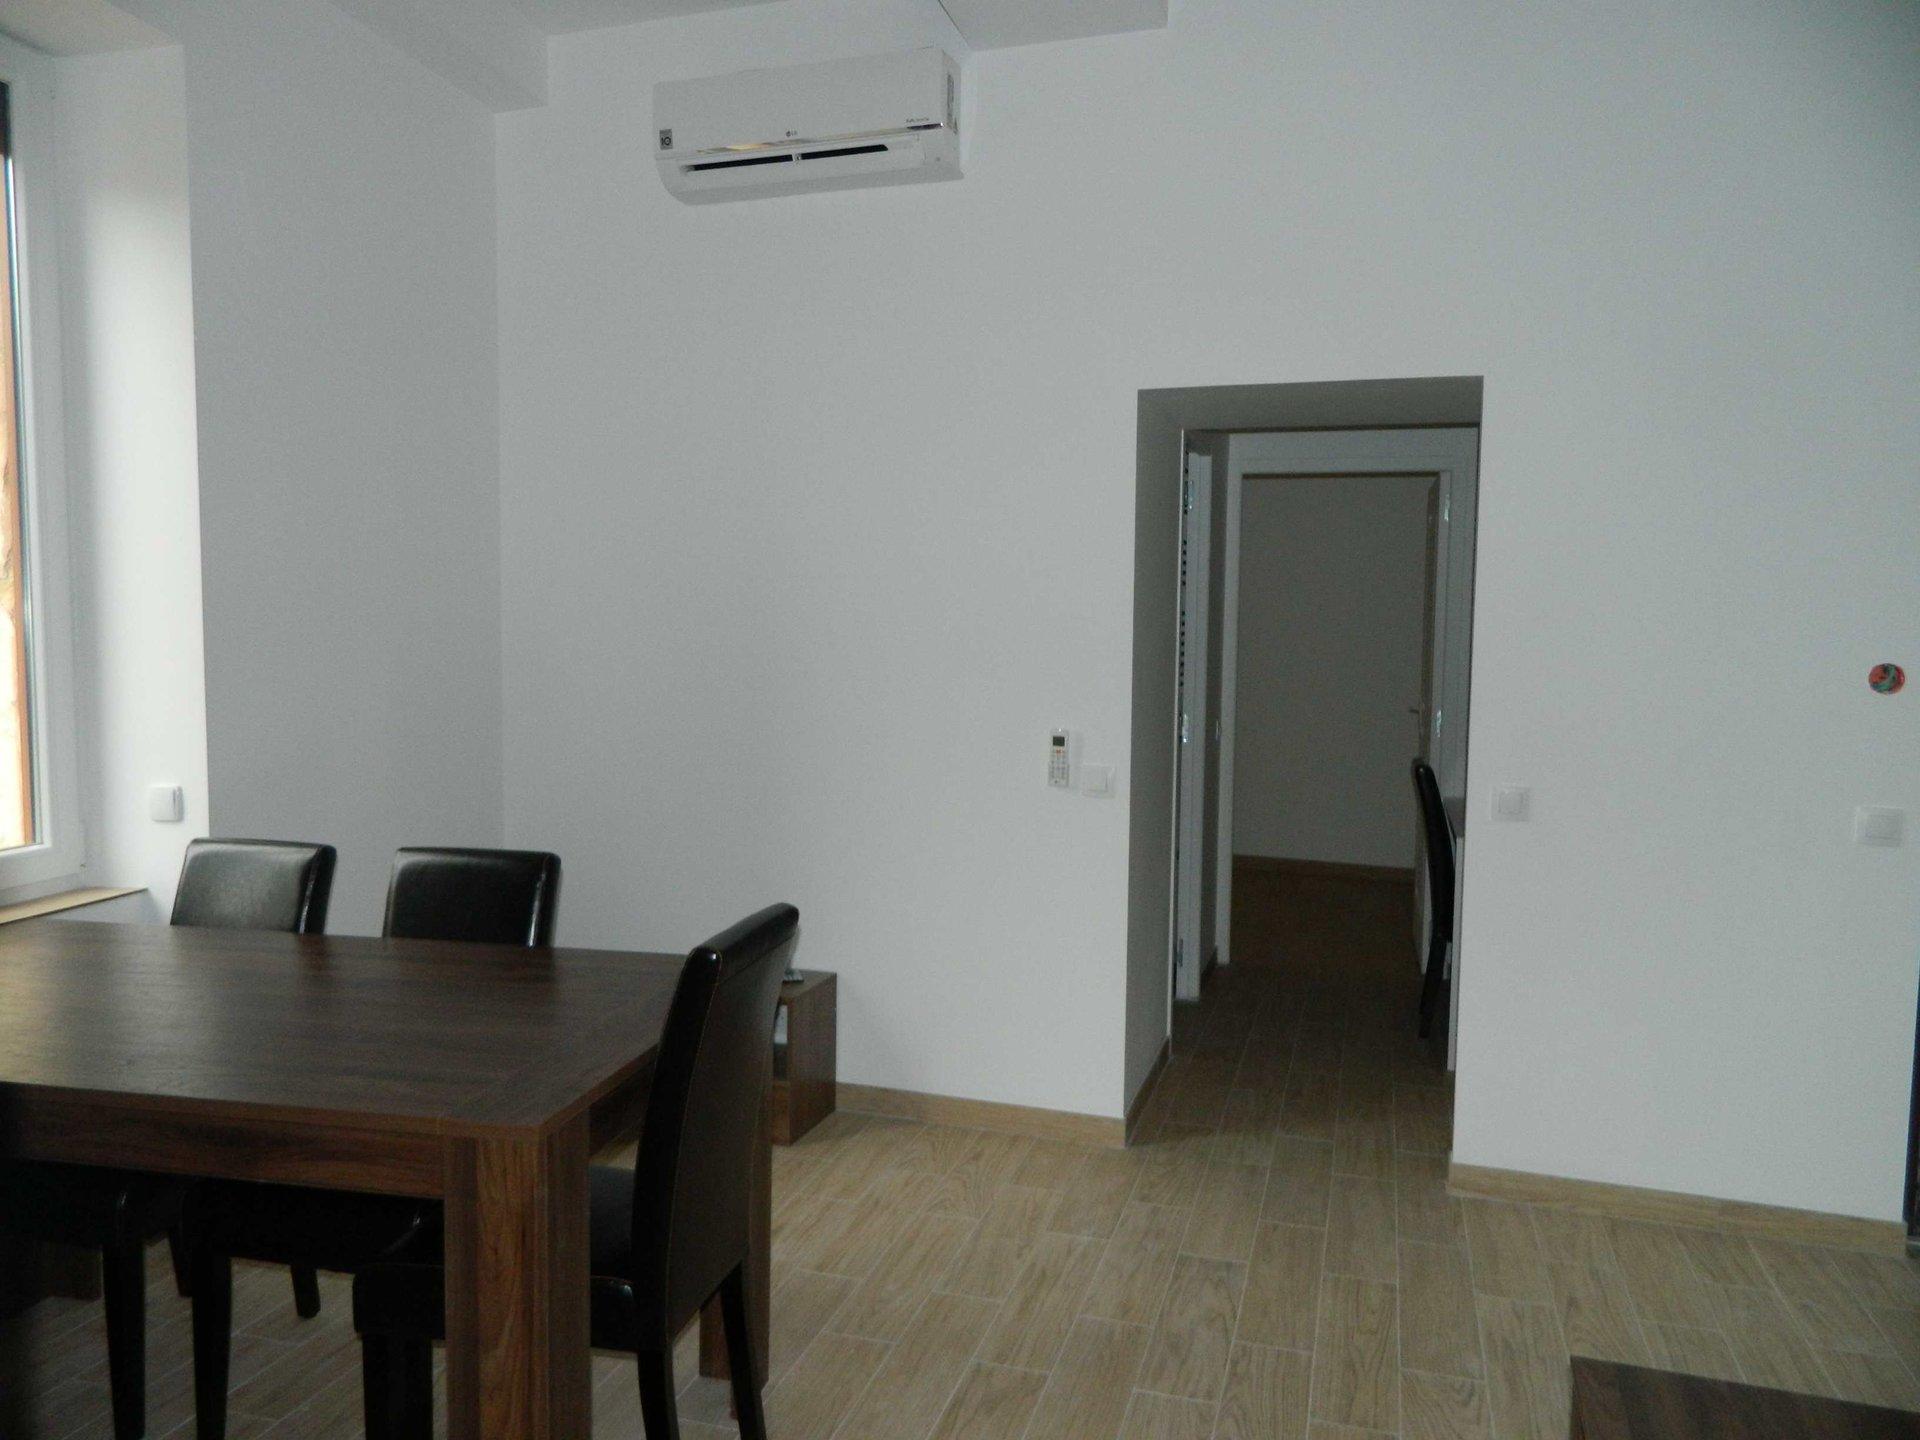 Trés Bel Appartement F1 meublé  au cœur de Bagnols sur Ceze